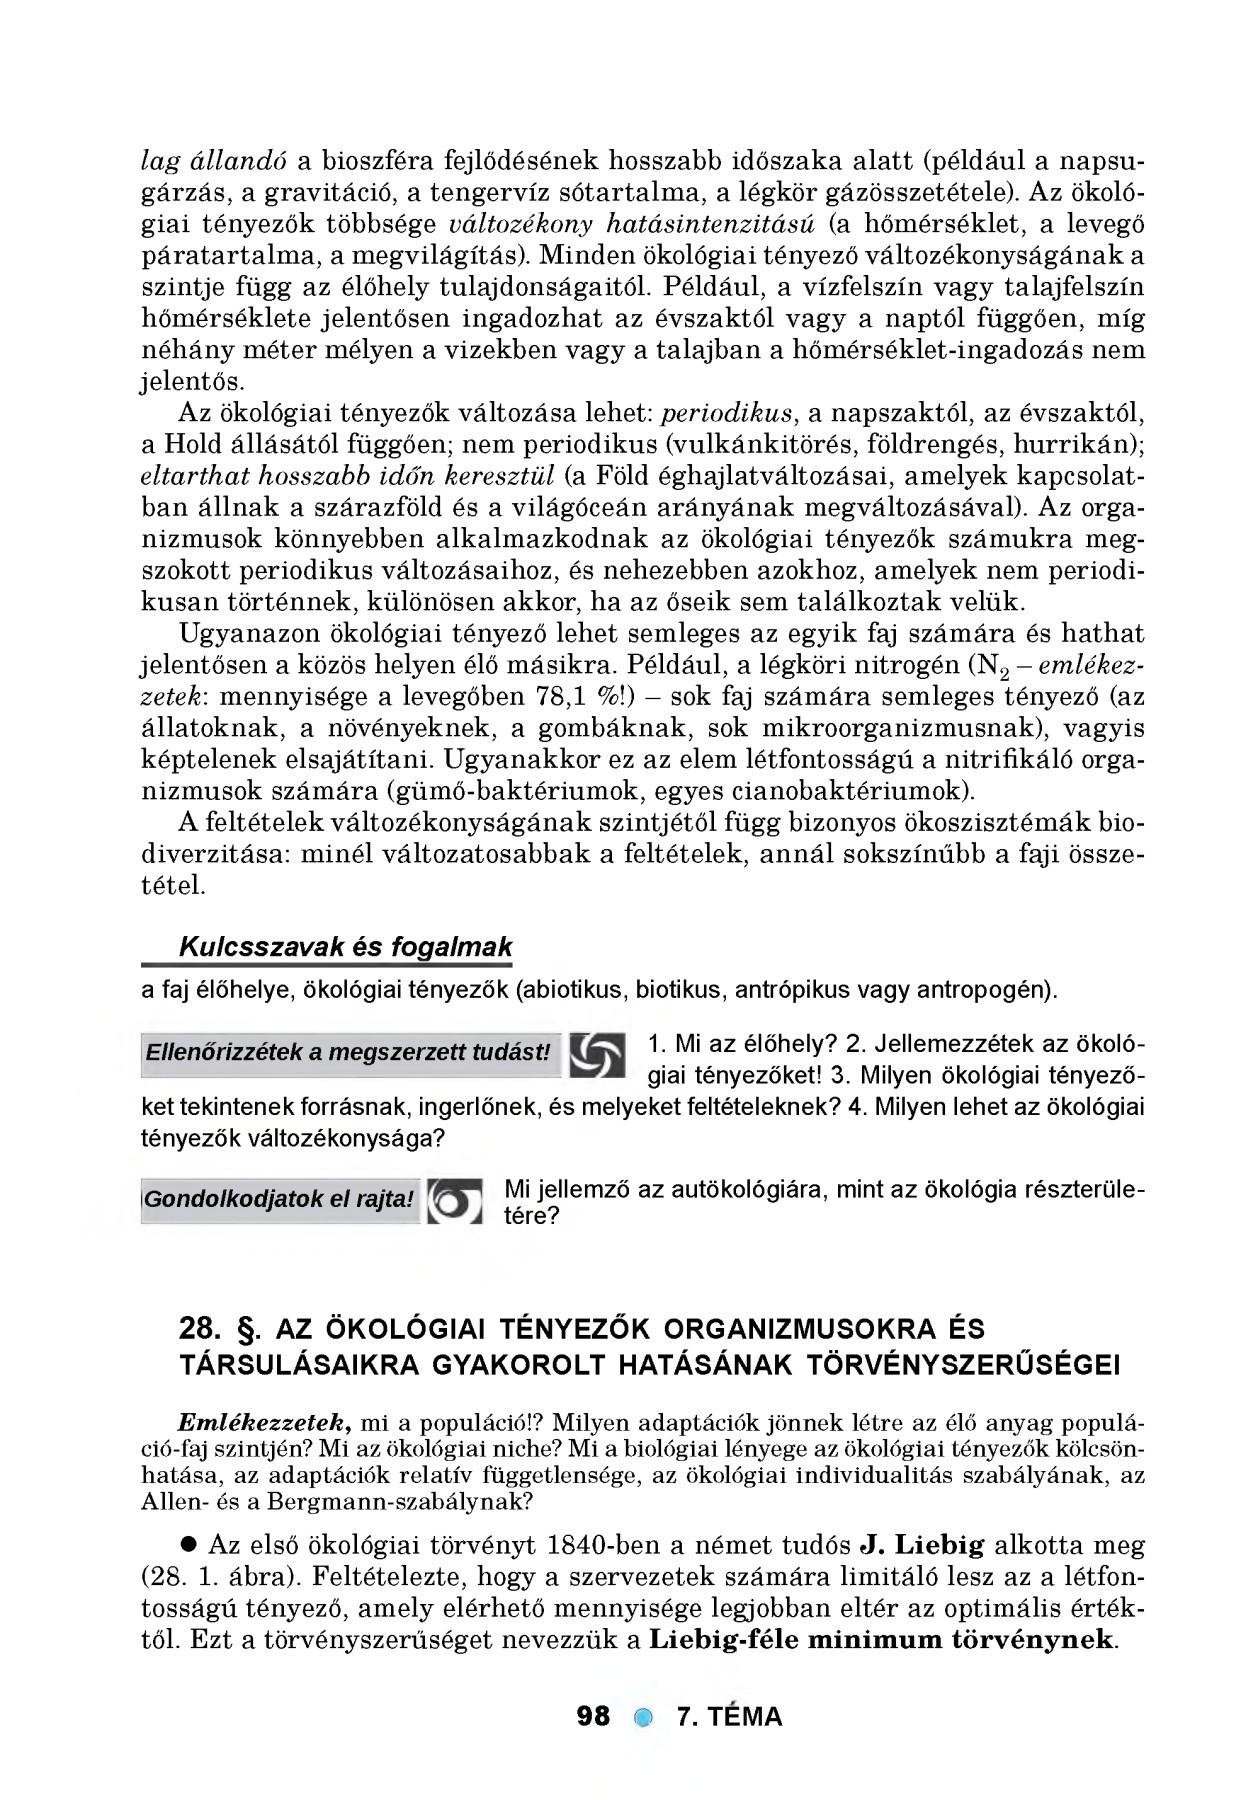 a paraziták és toxinjaik testének megtisztítása)